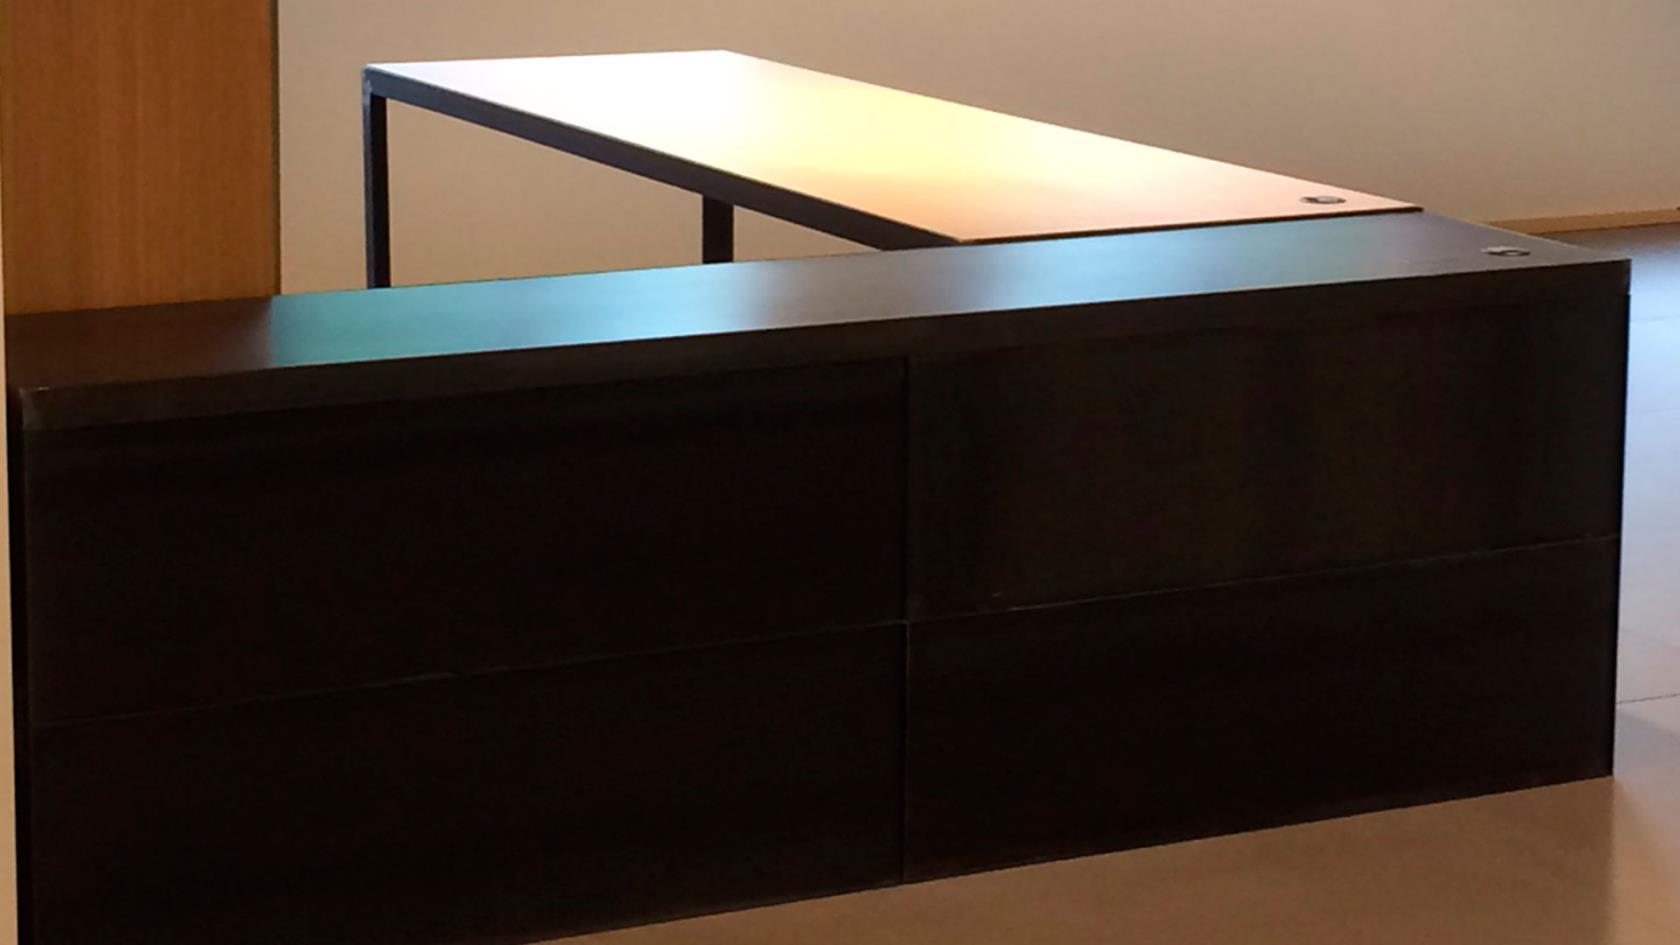 Progettazione di mobili in metallo a Sesti e Uniti (Cr)